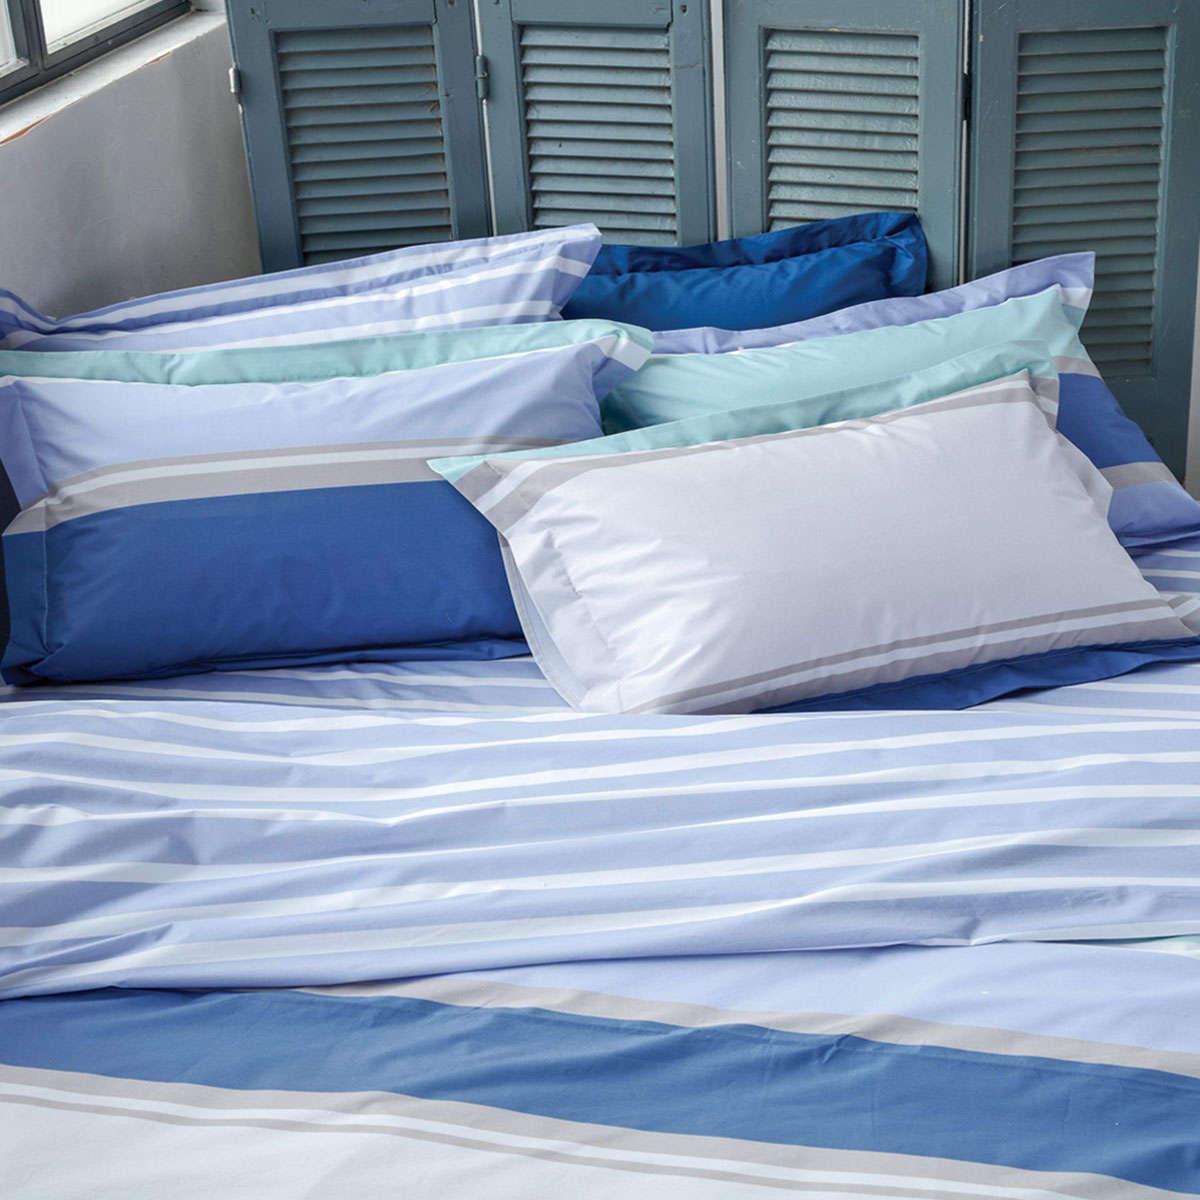 Μαξιλαροθήκες Σετ Bosco 01A Blue 2 Τεμ. Σχέδιο Κατωσέντονου Kentia 50Χ70 50x70cm